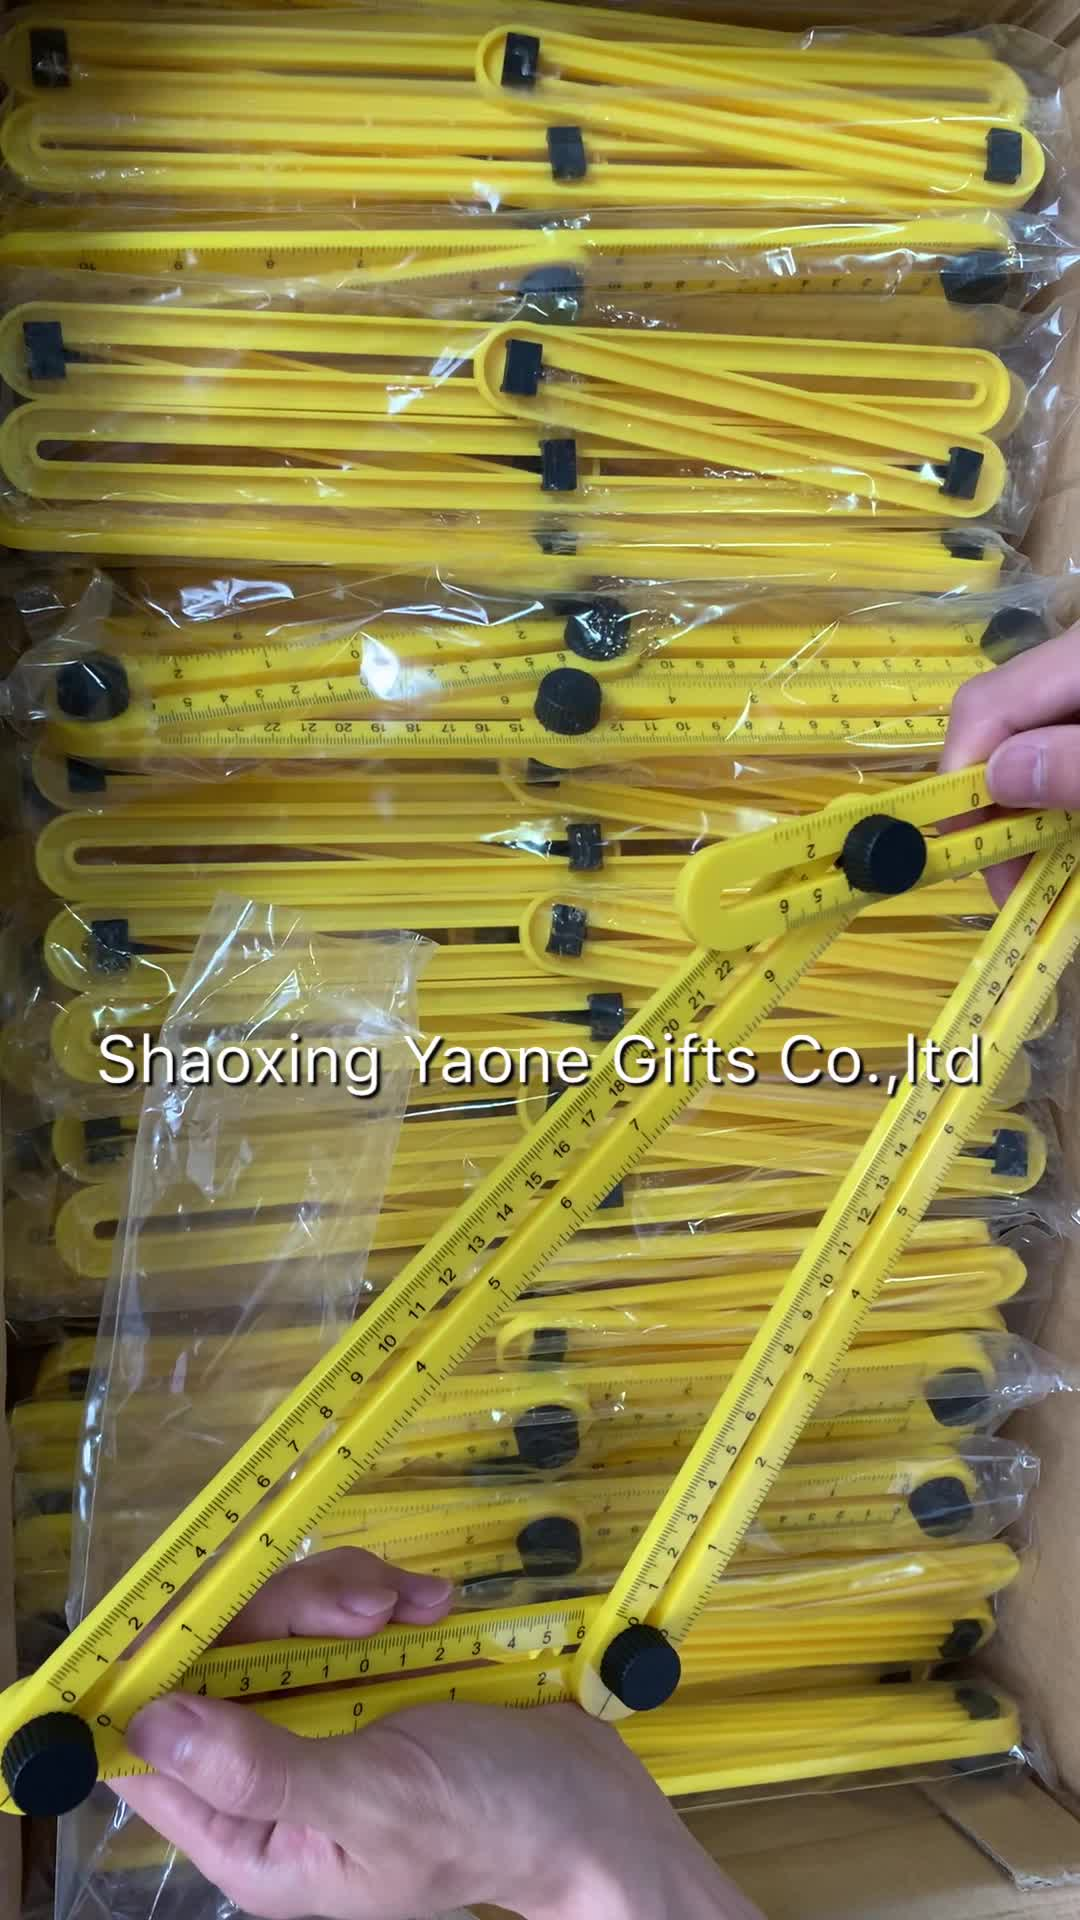 หลายพับ 4 มุมไม้บรรทัดแม่แบบเครื่องมือวัดเครื่องมืออิฐกระเบื้องไม้มุมผลิตภัณฑ์พับไม้บรรทัดไม้โปรแทรกเตอร์